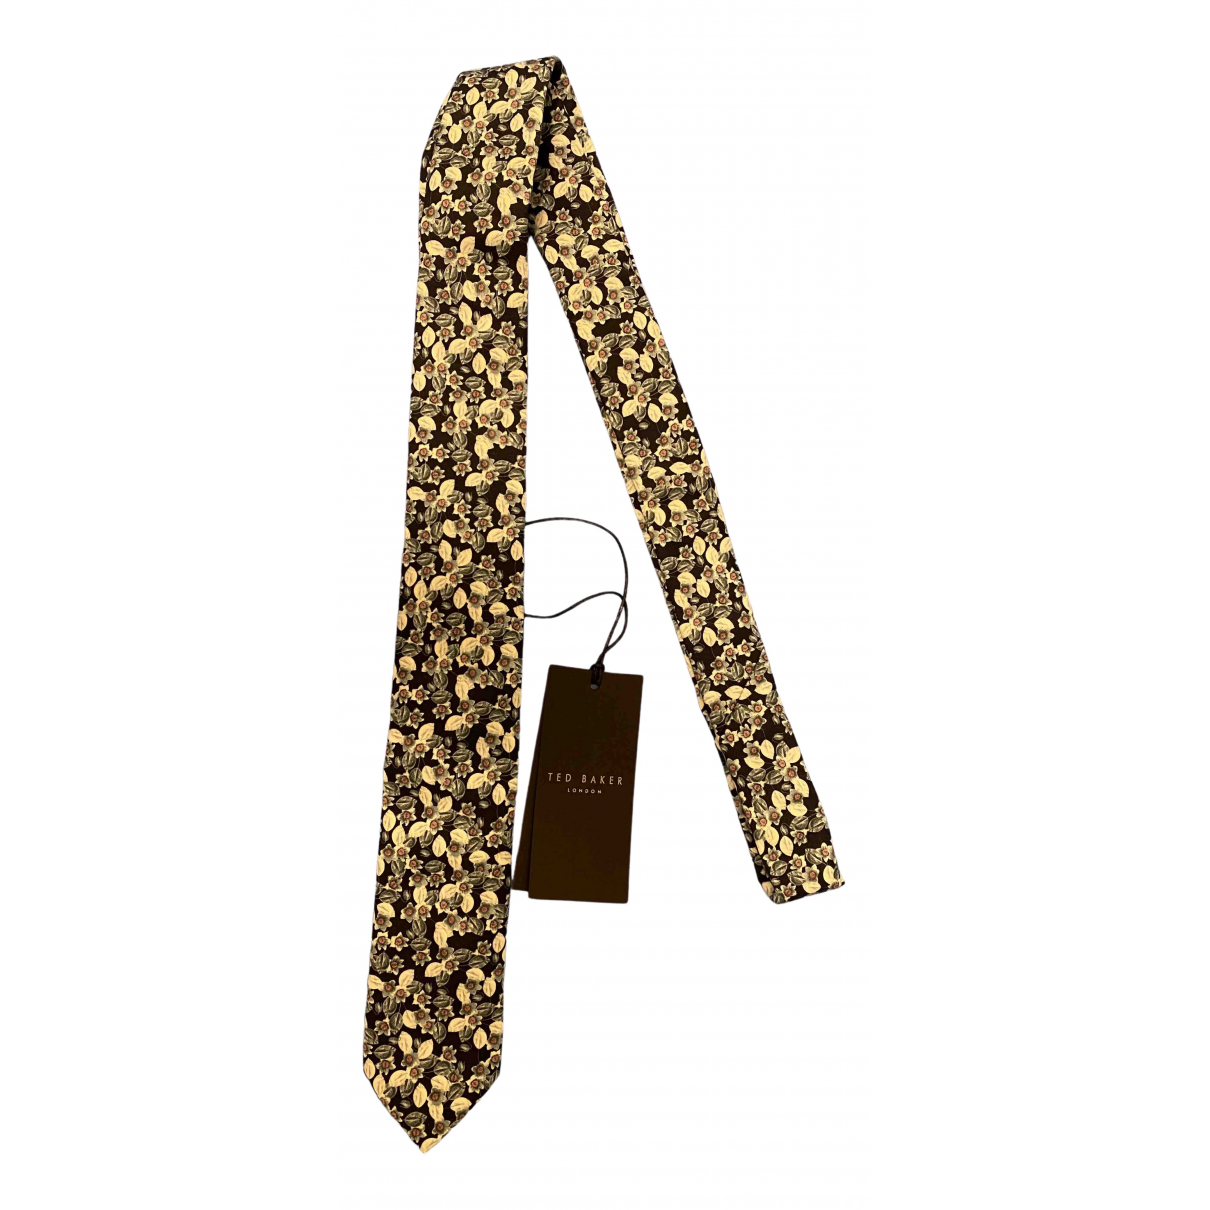 Ted Baker - Cravates   pour homme en soie - multicolore